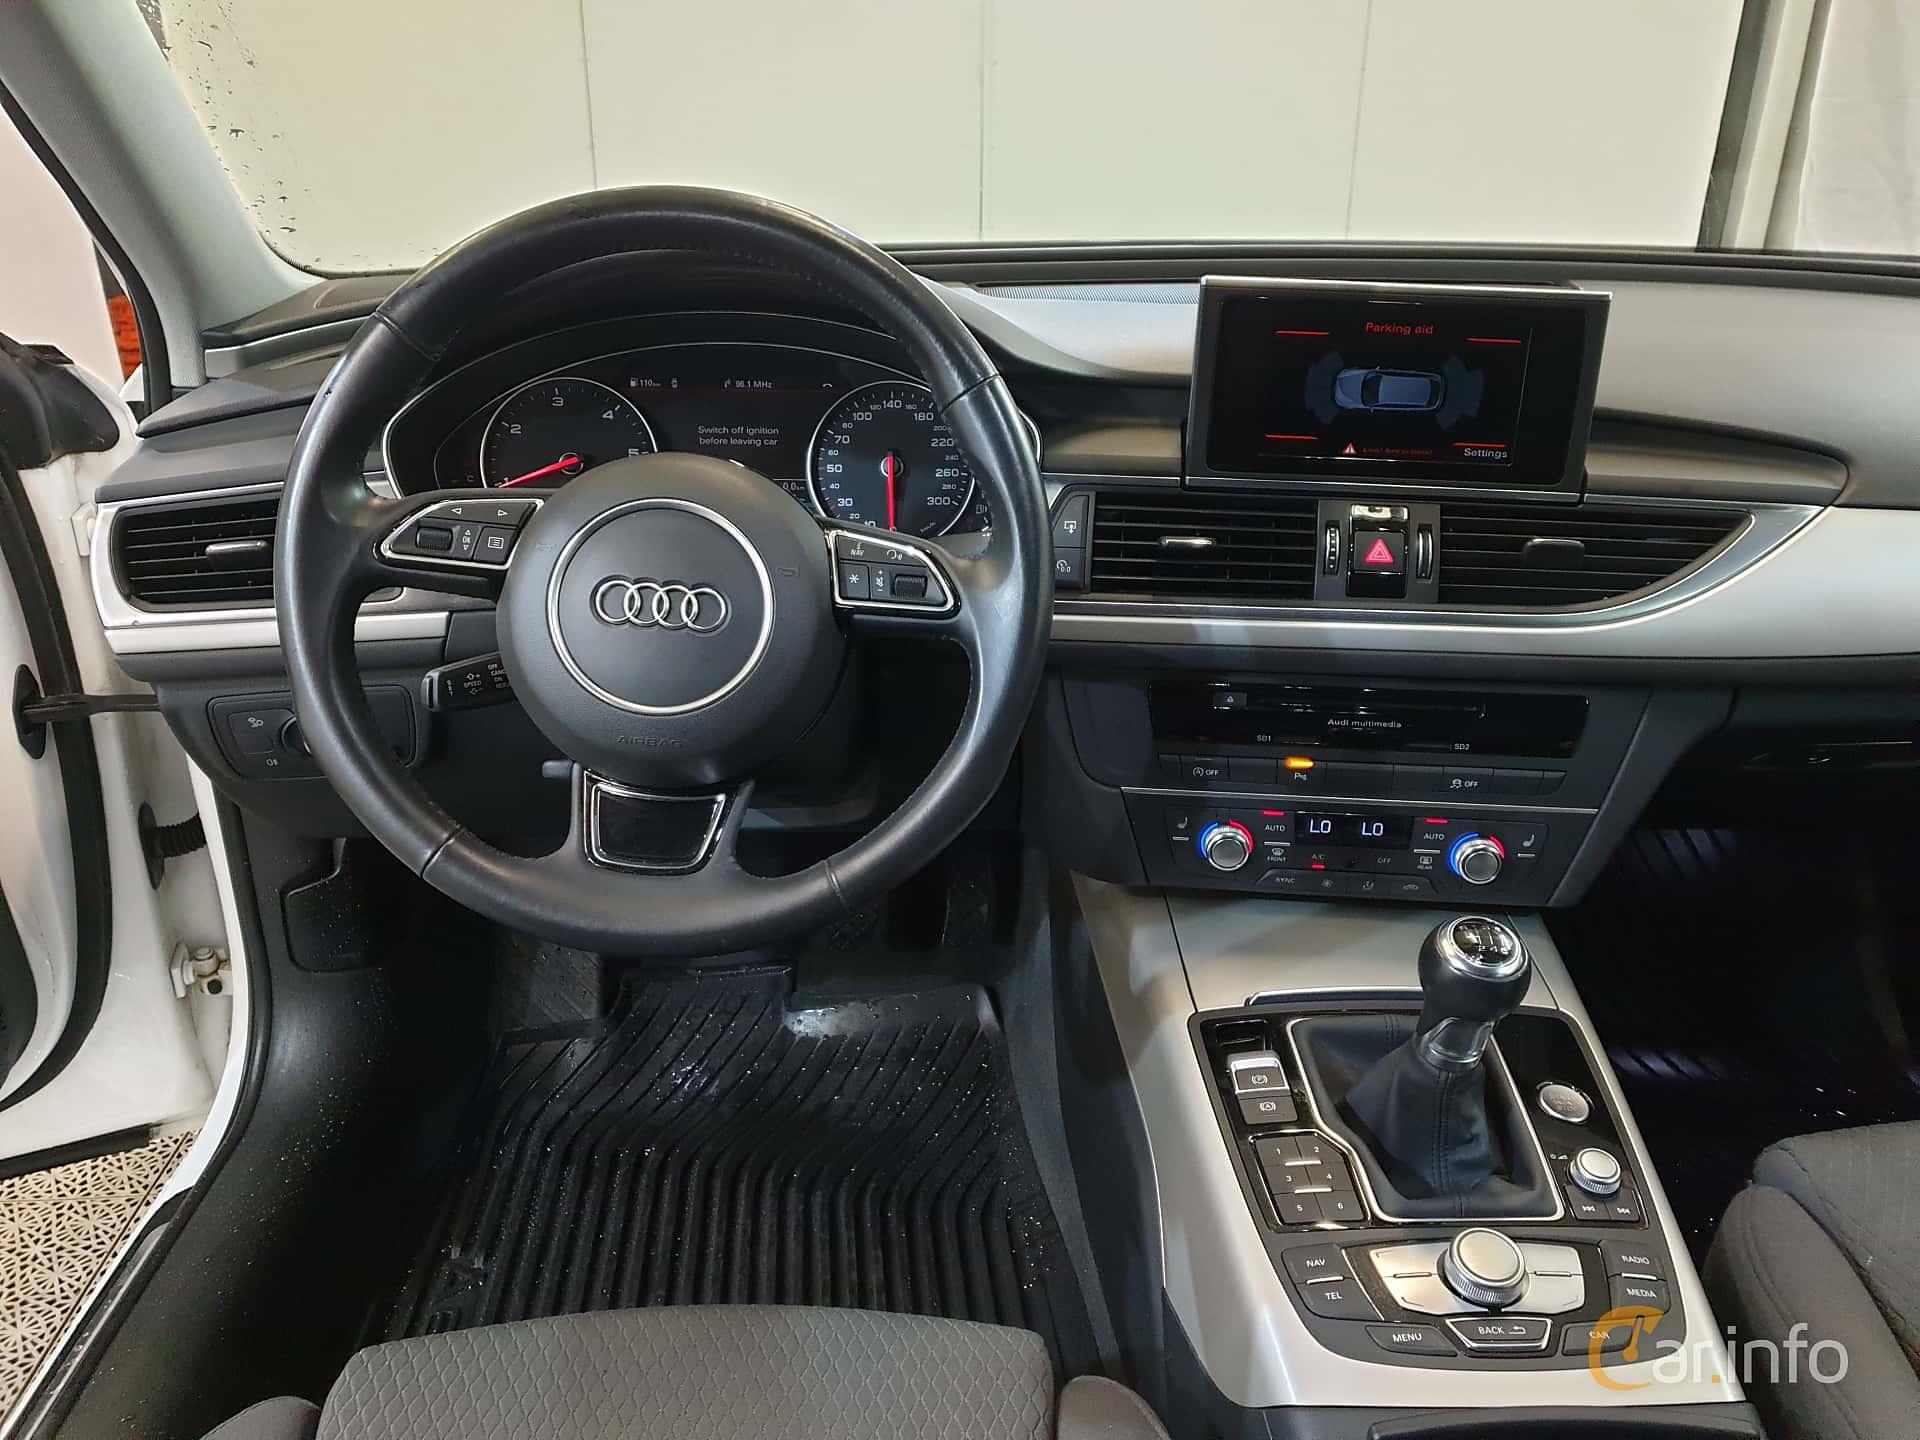 Audi A6 Avant 2.0 TDI ultra Manual, 190hp, 2017